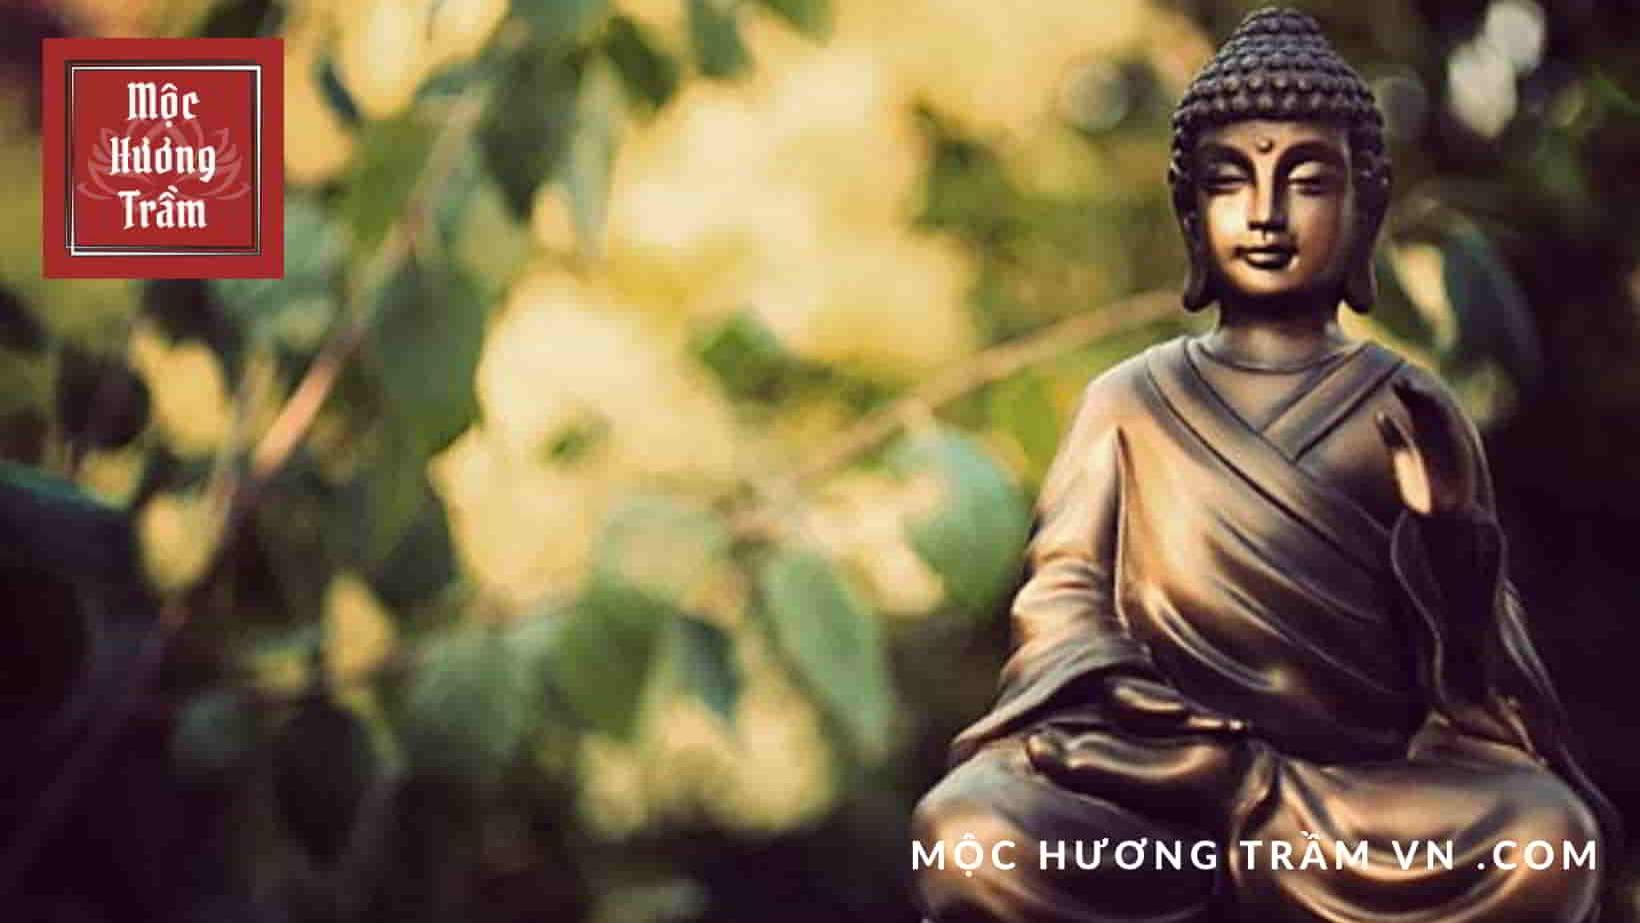 Luân hồi chuyển thế trong kinh Phật giáo